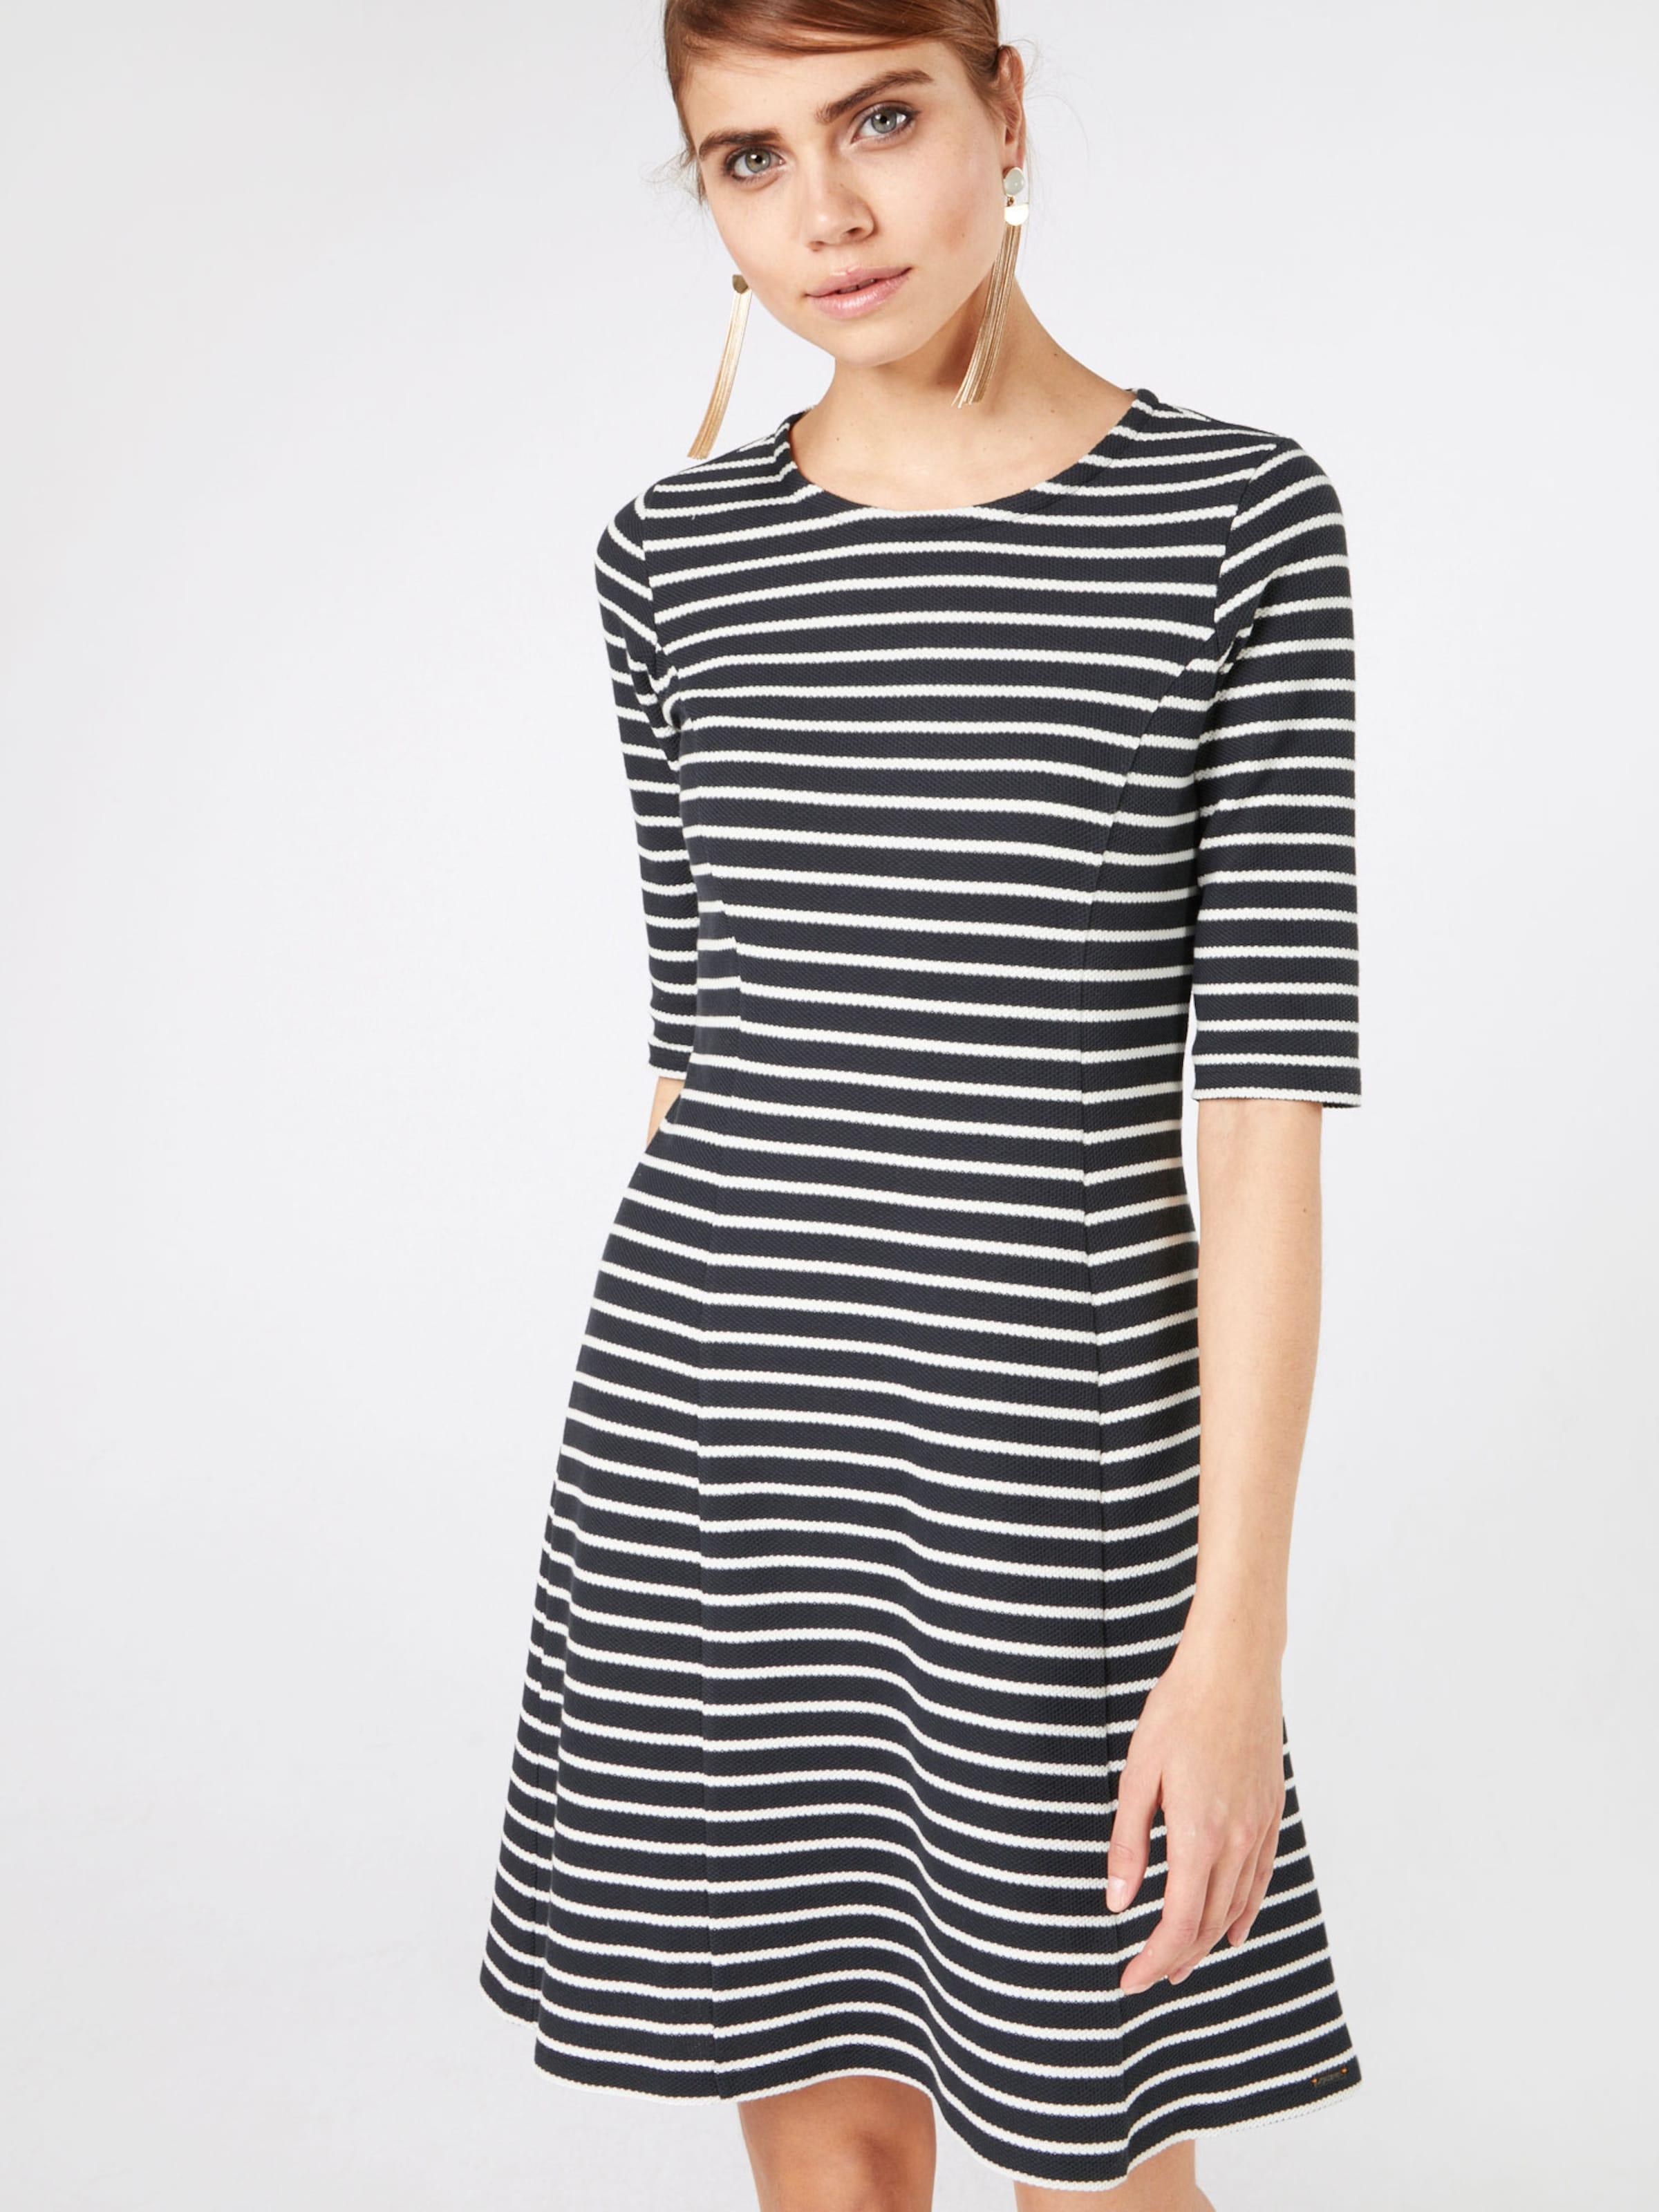 Heißen Verkauf Günstiger Preis Spielraum Offiziellen BOSS Kleid 'Dressie' Verkauf Breite Palette Von Freies Verschiffen Preiswerter Preis s6FhMW2hY